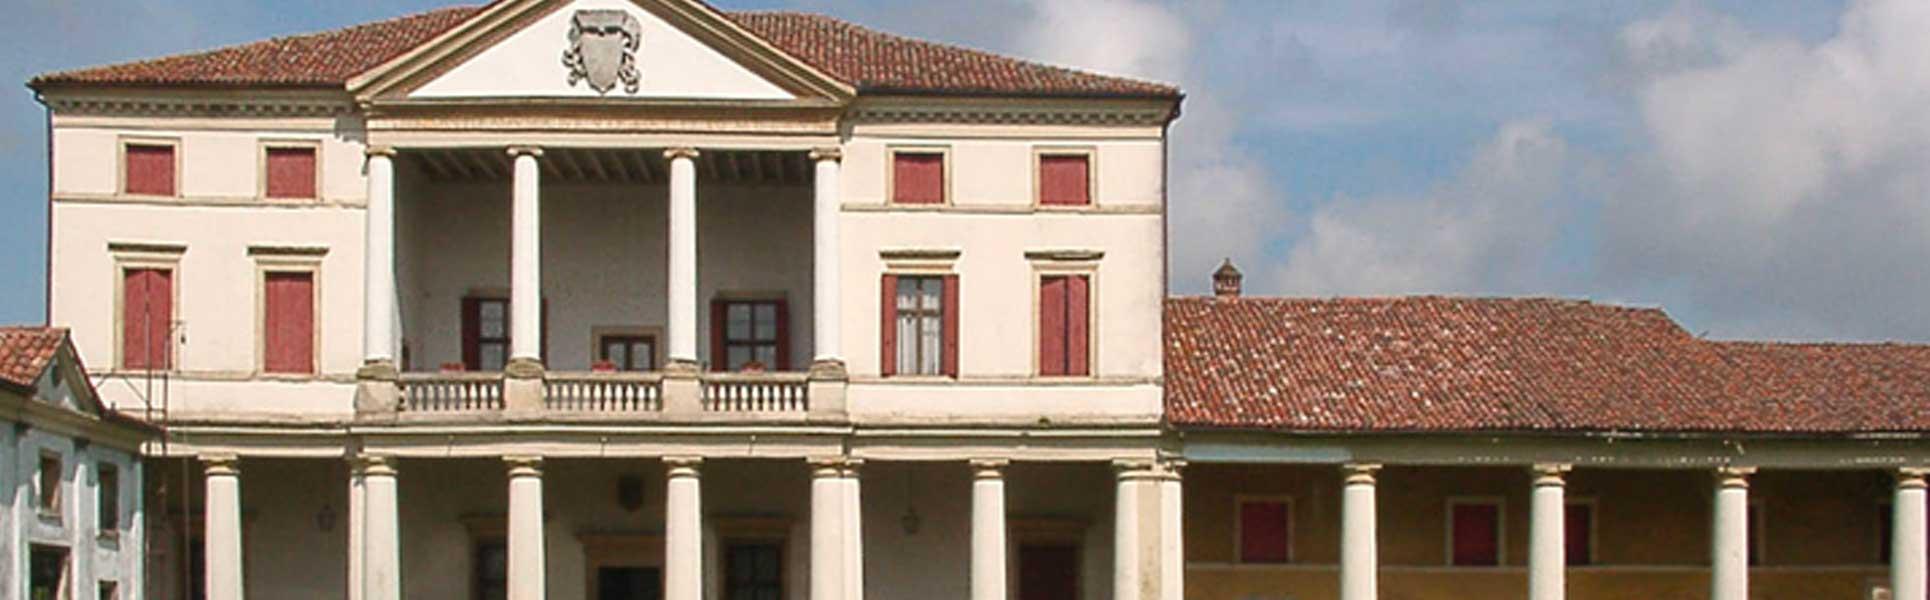 Consolidamento Fondazioni in Veneto